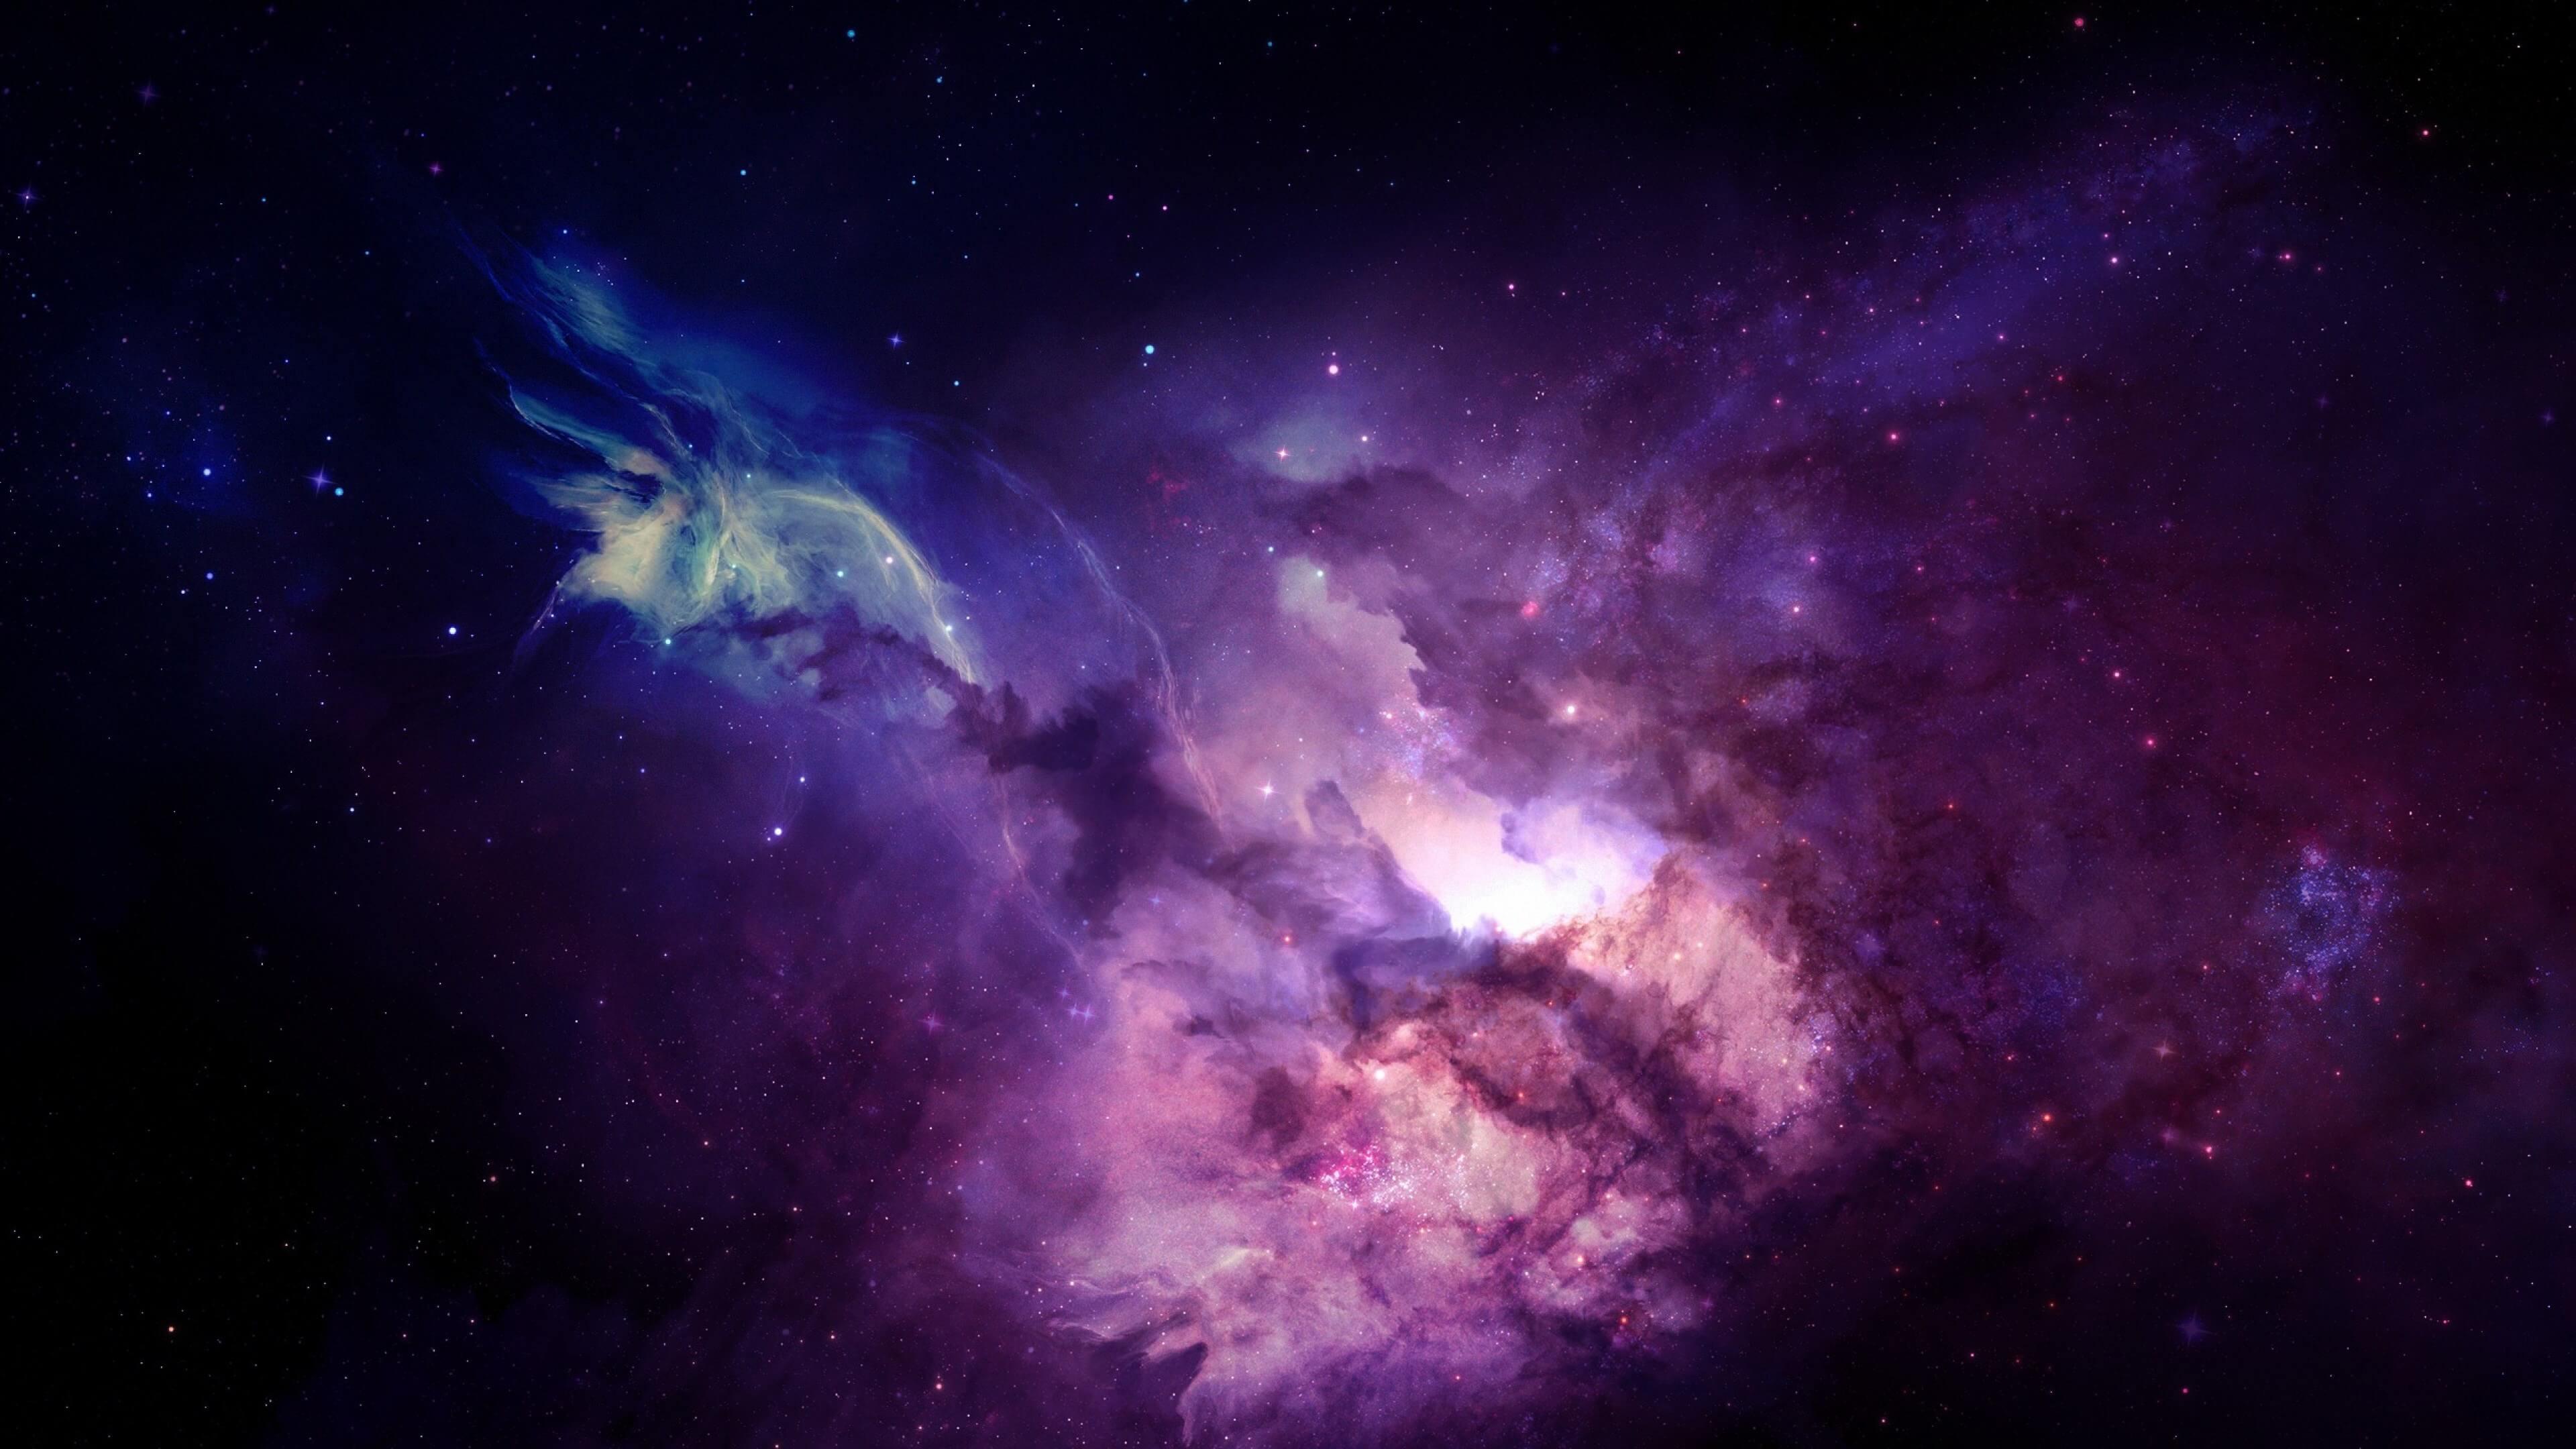 purple nebula wallpaper - photo #6